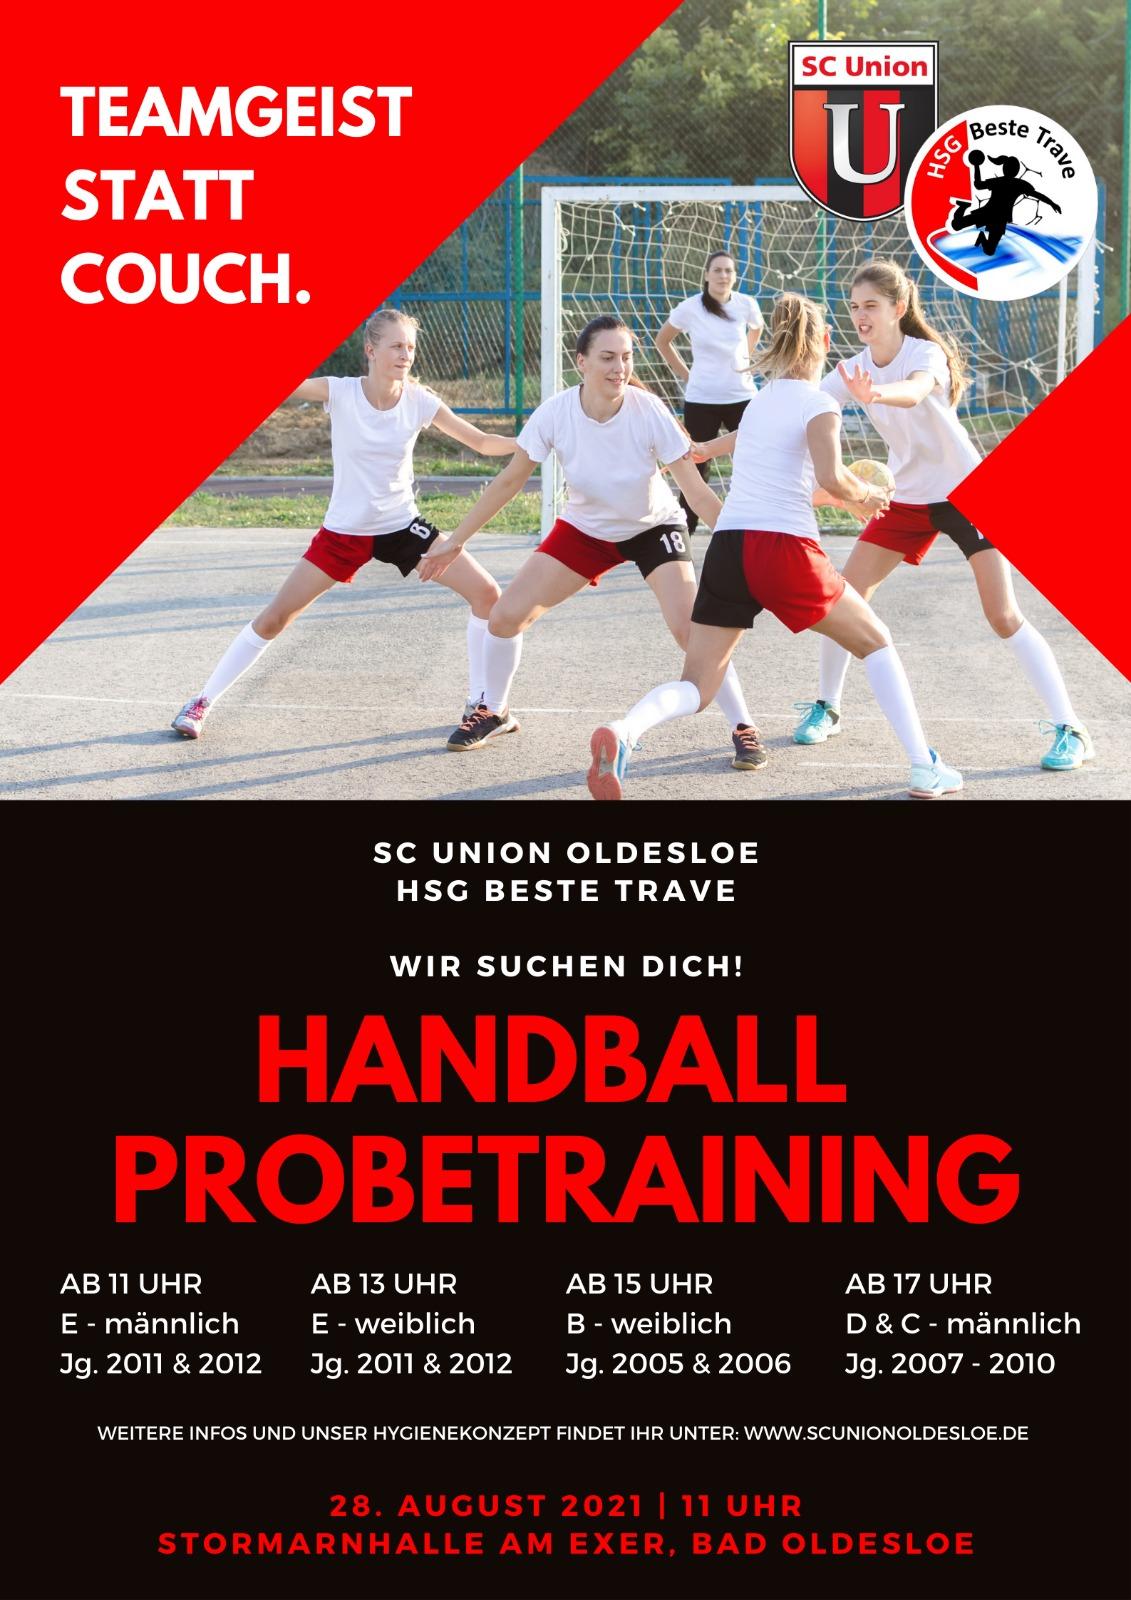 Handball Probetraining